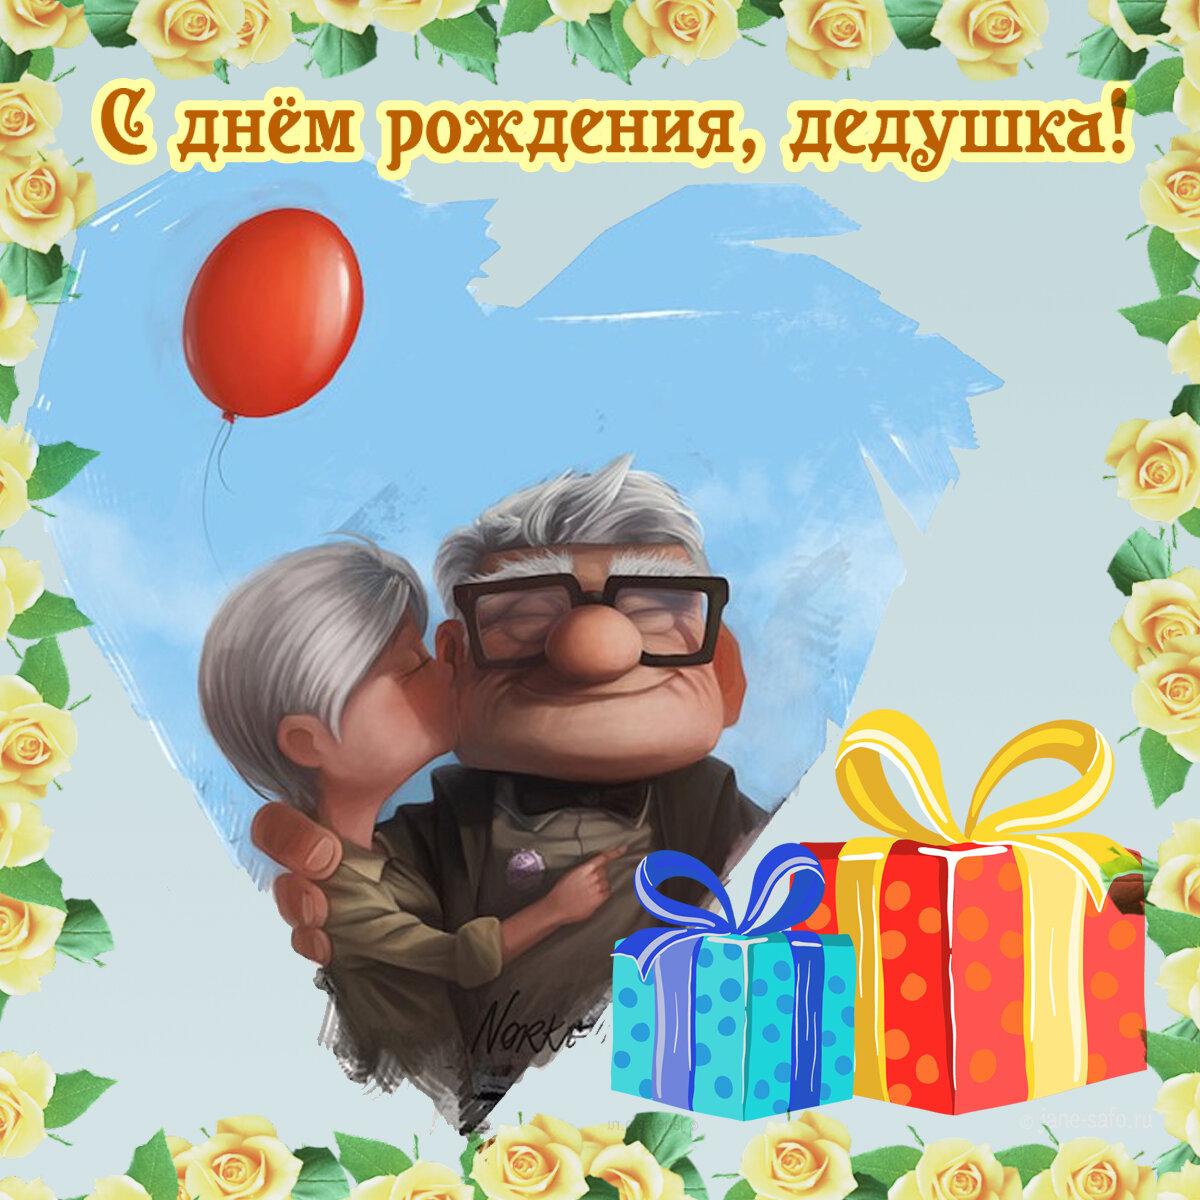 Поздравительные открытки для дедушки с днем рождения